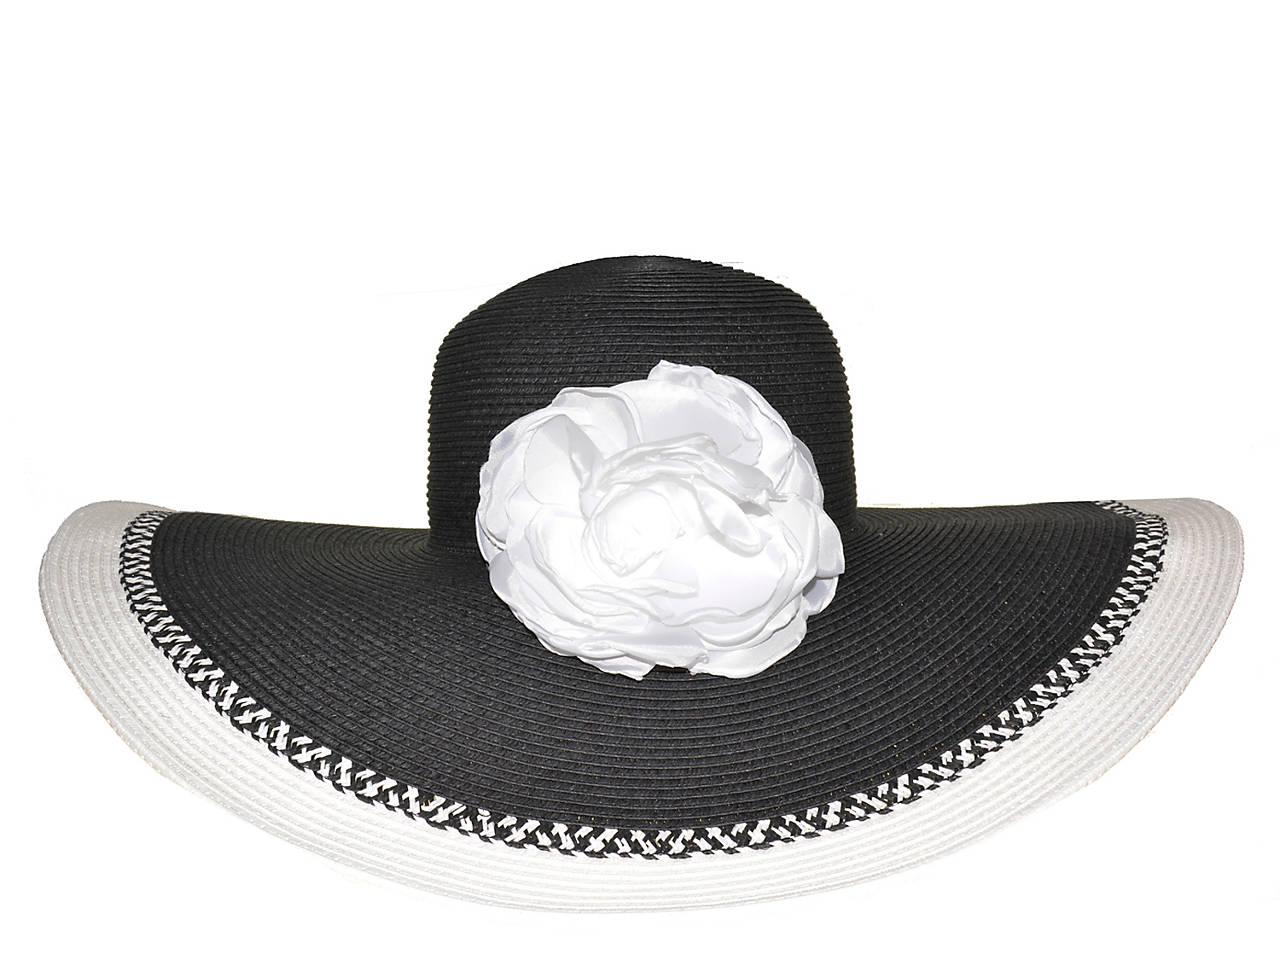 42d499856fd9e8 Nine West Floral Super Floppy Hat Women's Handbags & Accessories   DSW